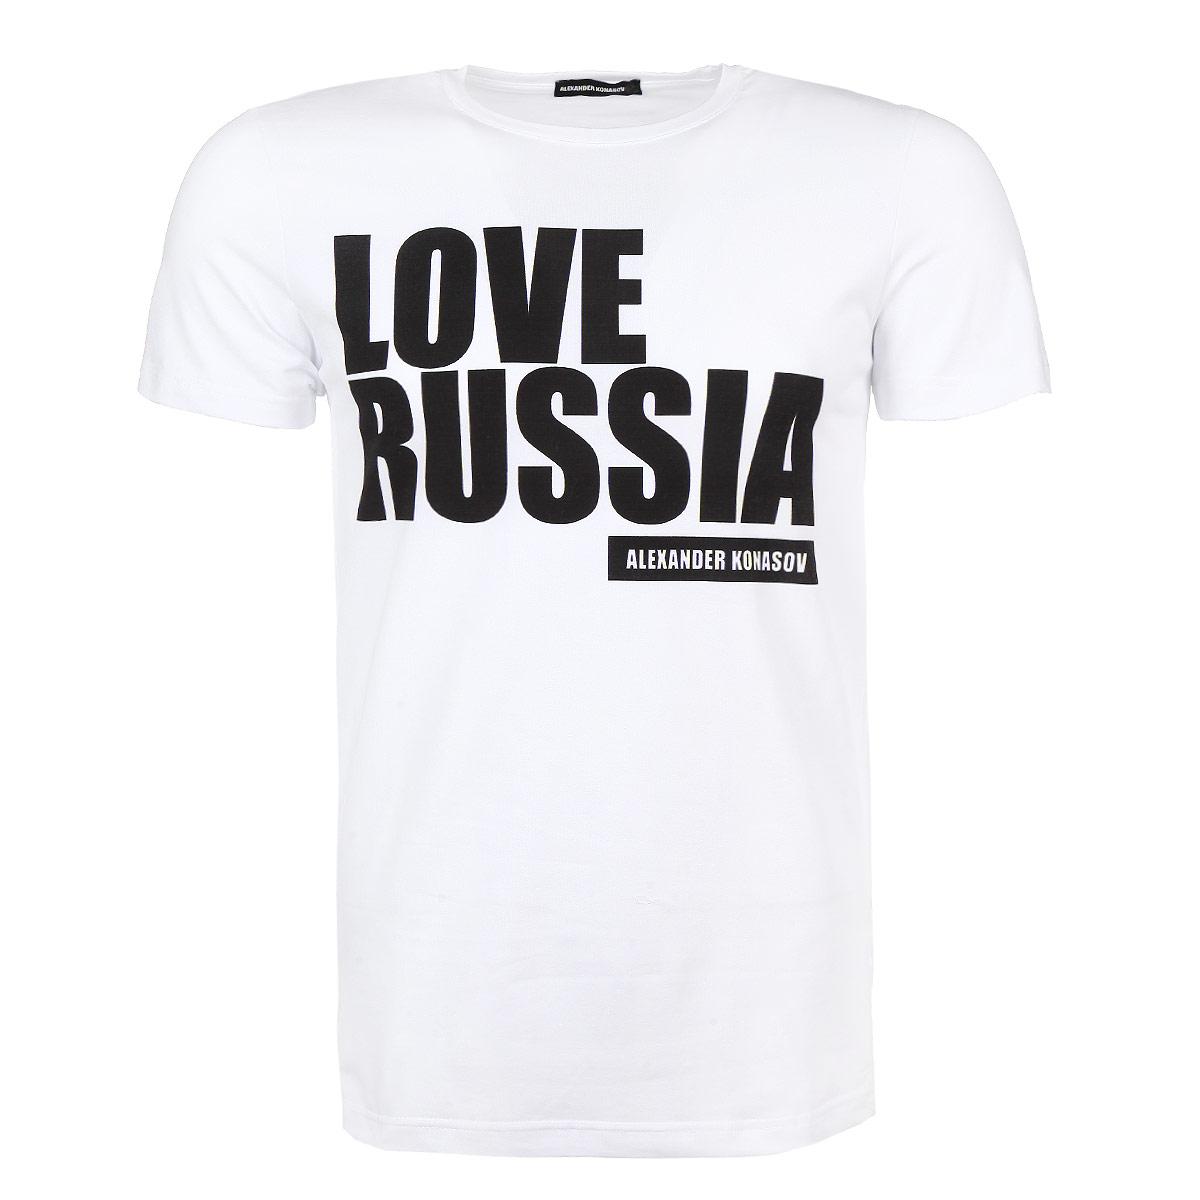 ФутболкаLove Russia BlackСтильная мужская футболка Alexander Konasov, выполненная из высококачественного мягкого хлопка с небольшим добавлением лайкры, обладает высокой теплопроводностью, воздухопроницаемостью и гигроскопичностью, позволяет коже дышать. Модель с короткими рукавами и круглым вырезом горловины оформлена принтовой надписью Love Russia. Эта футболка - идеальный вариант для создания эффектного образа. Все изделия бренда Alexander Konasov кроятся только по лекалам из высококачественной ткани, идеально сидят на фигуре, после стирки не деформируются.